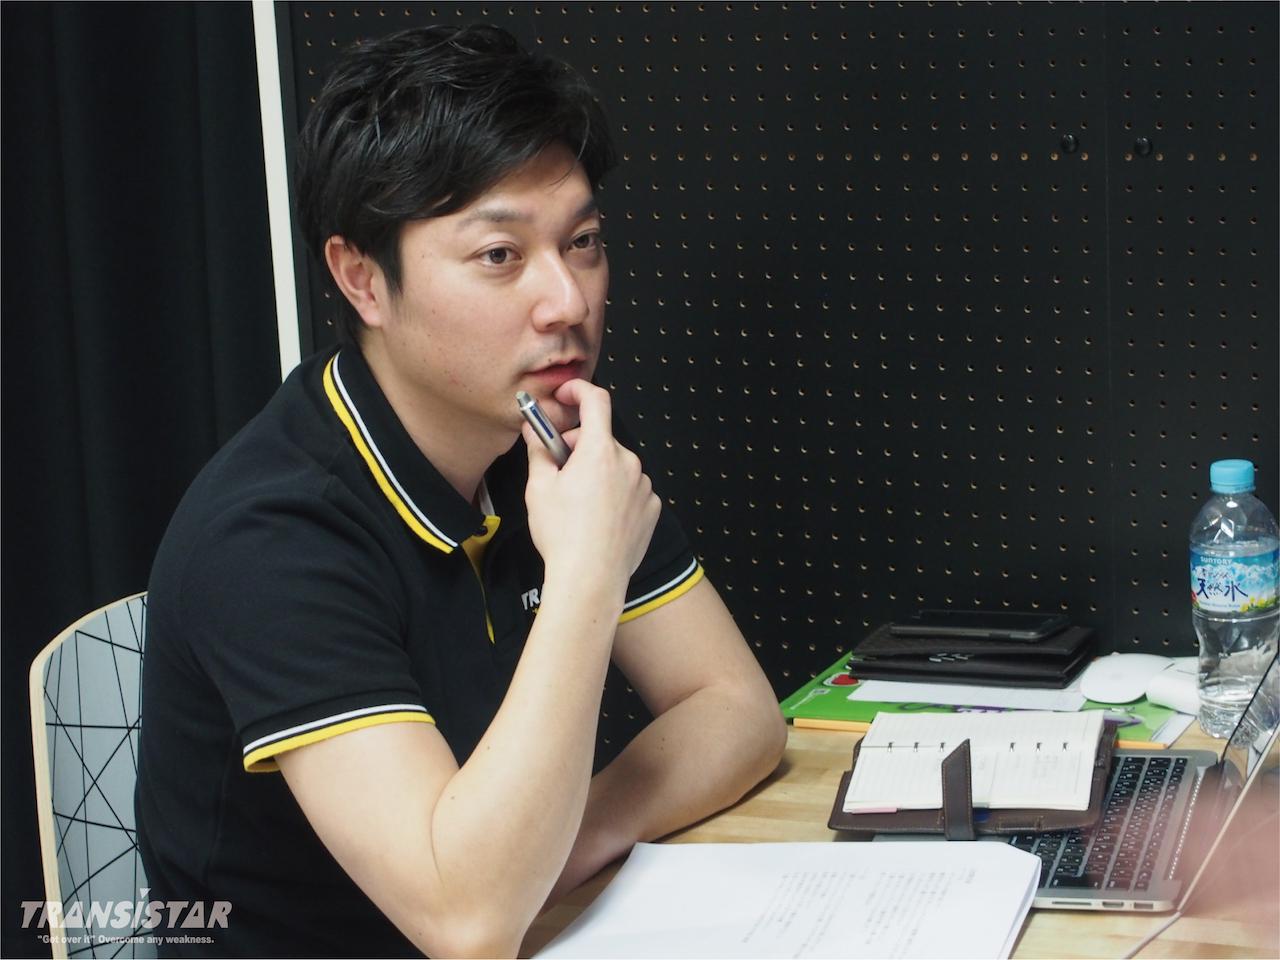 東屋 健太(株式会社ファーストフロンティア 代表取締役社長)1982年生まれ、秋田県出身。 羽後高校在学中にインターハイに出場。2013年にハンドボールブランド「TRANSISTAR」を立ち上げ、代表取締役社長に就任。